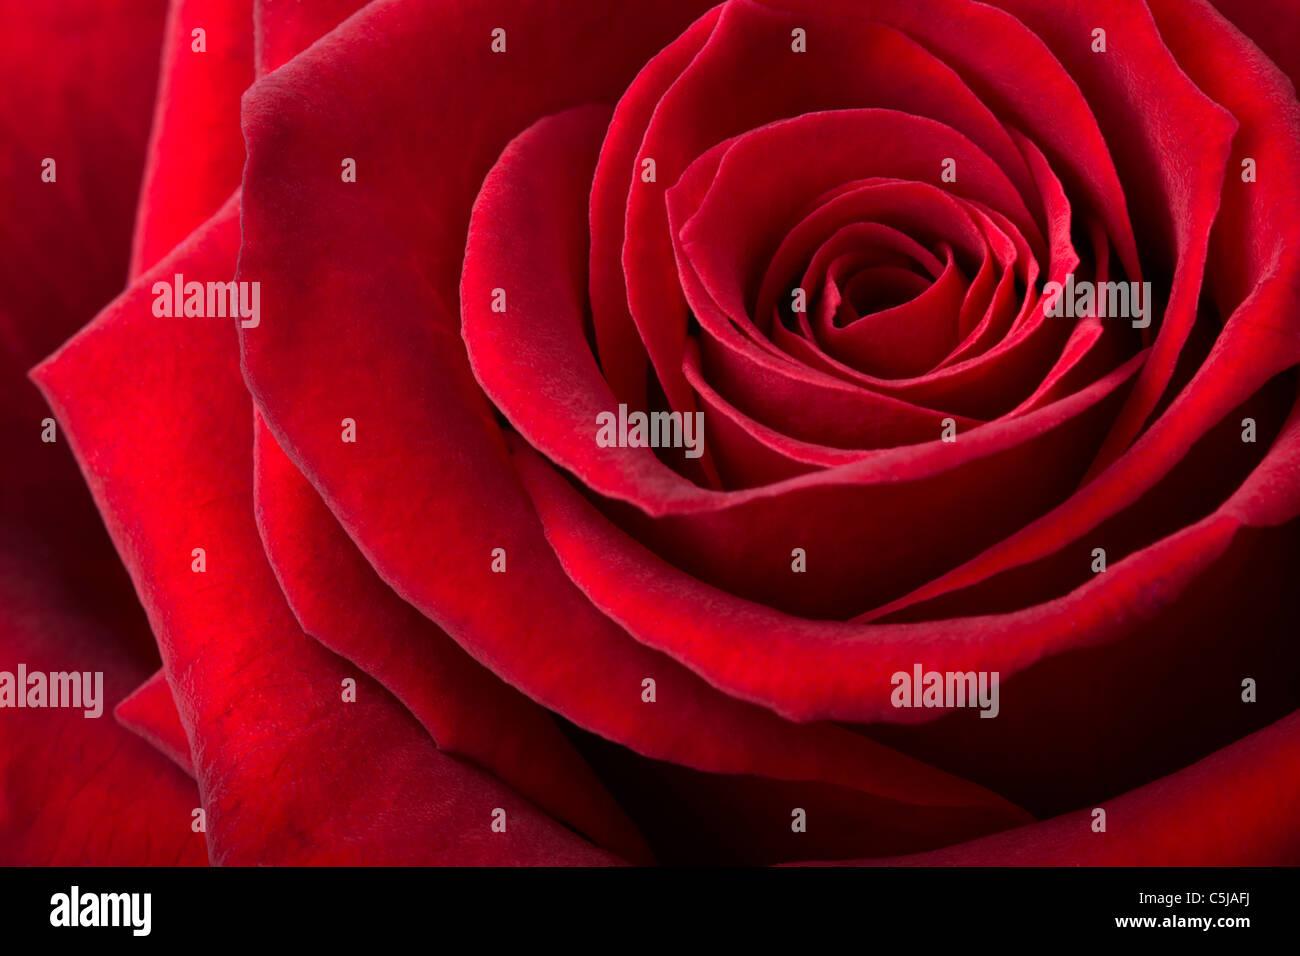 Fondo de rosas rojas Imagen De Stock